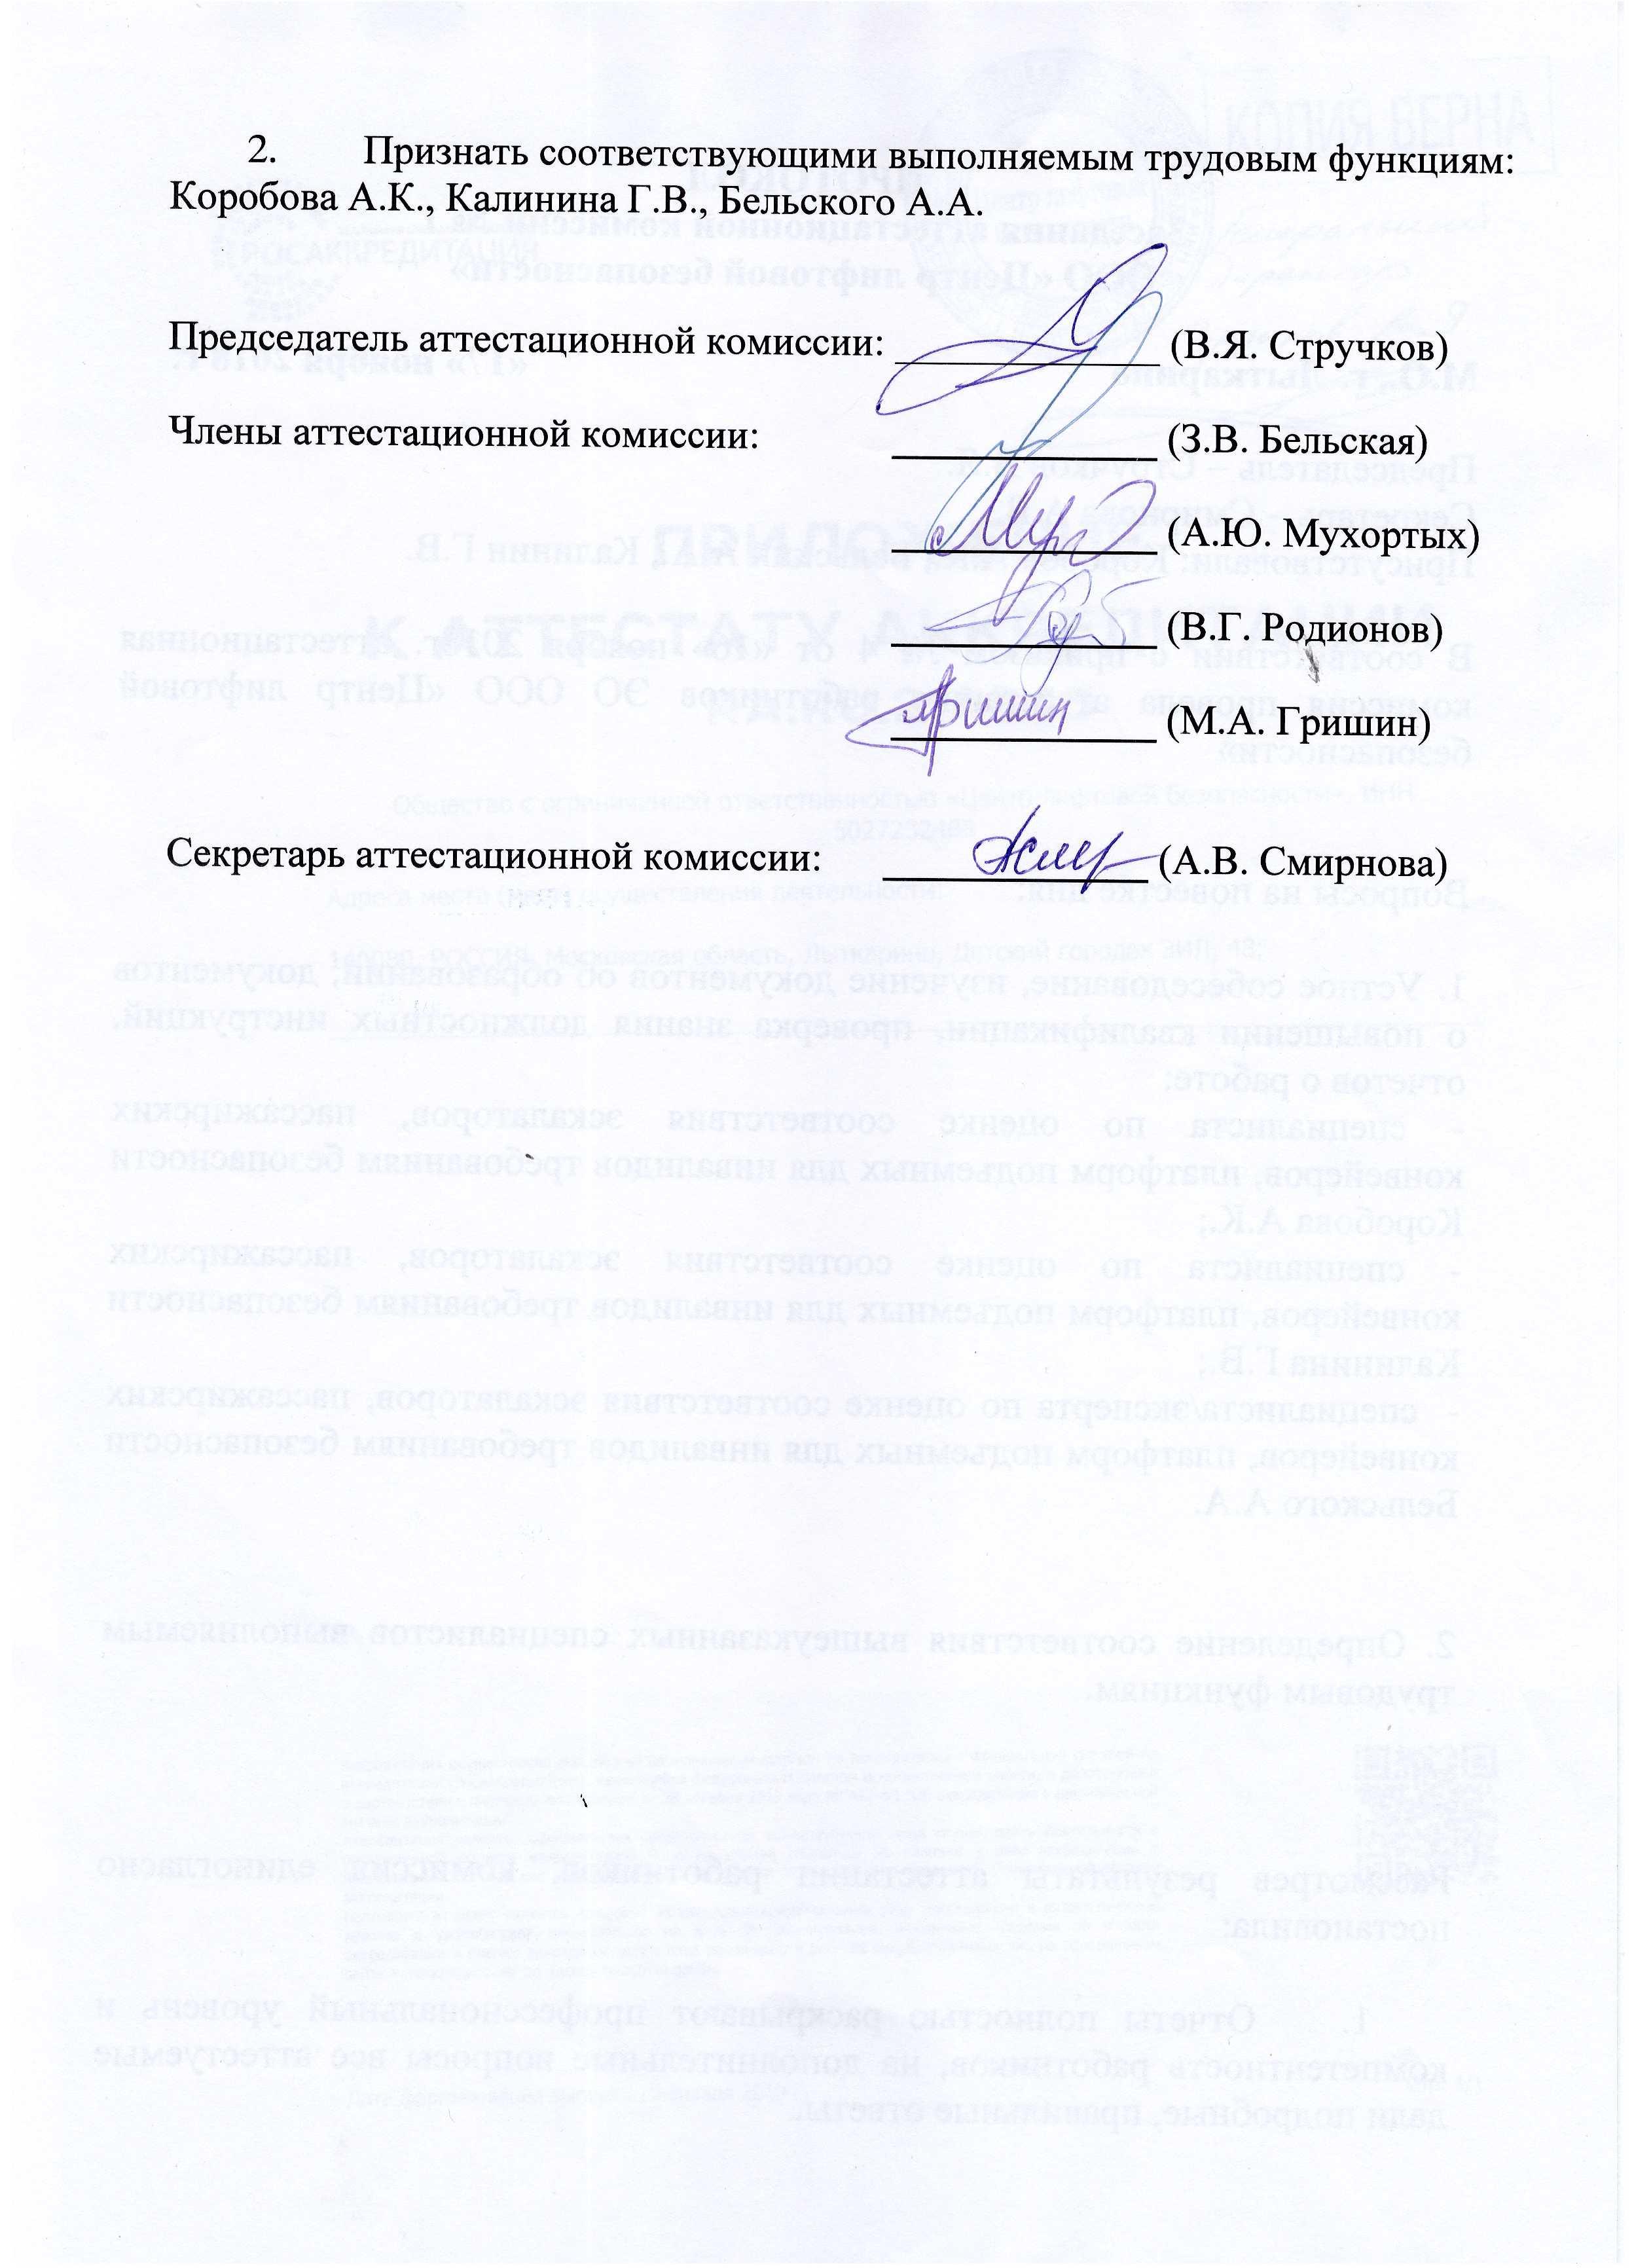 Протокол аттестационной комиссии (стр.2)